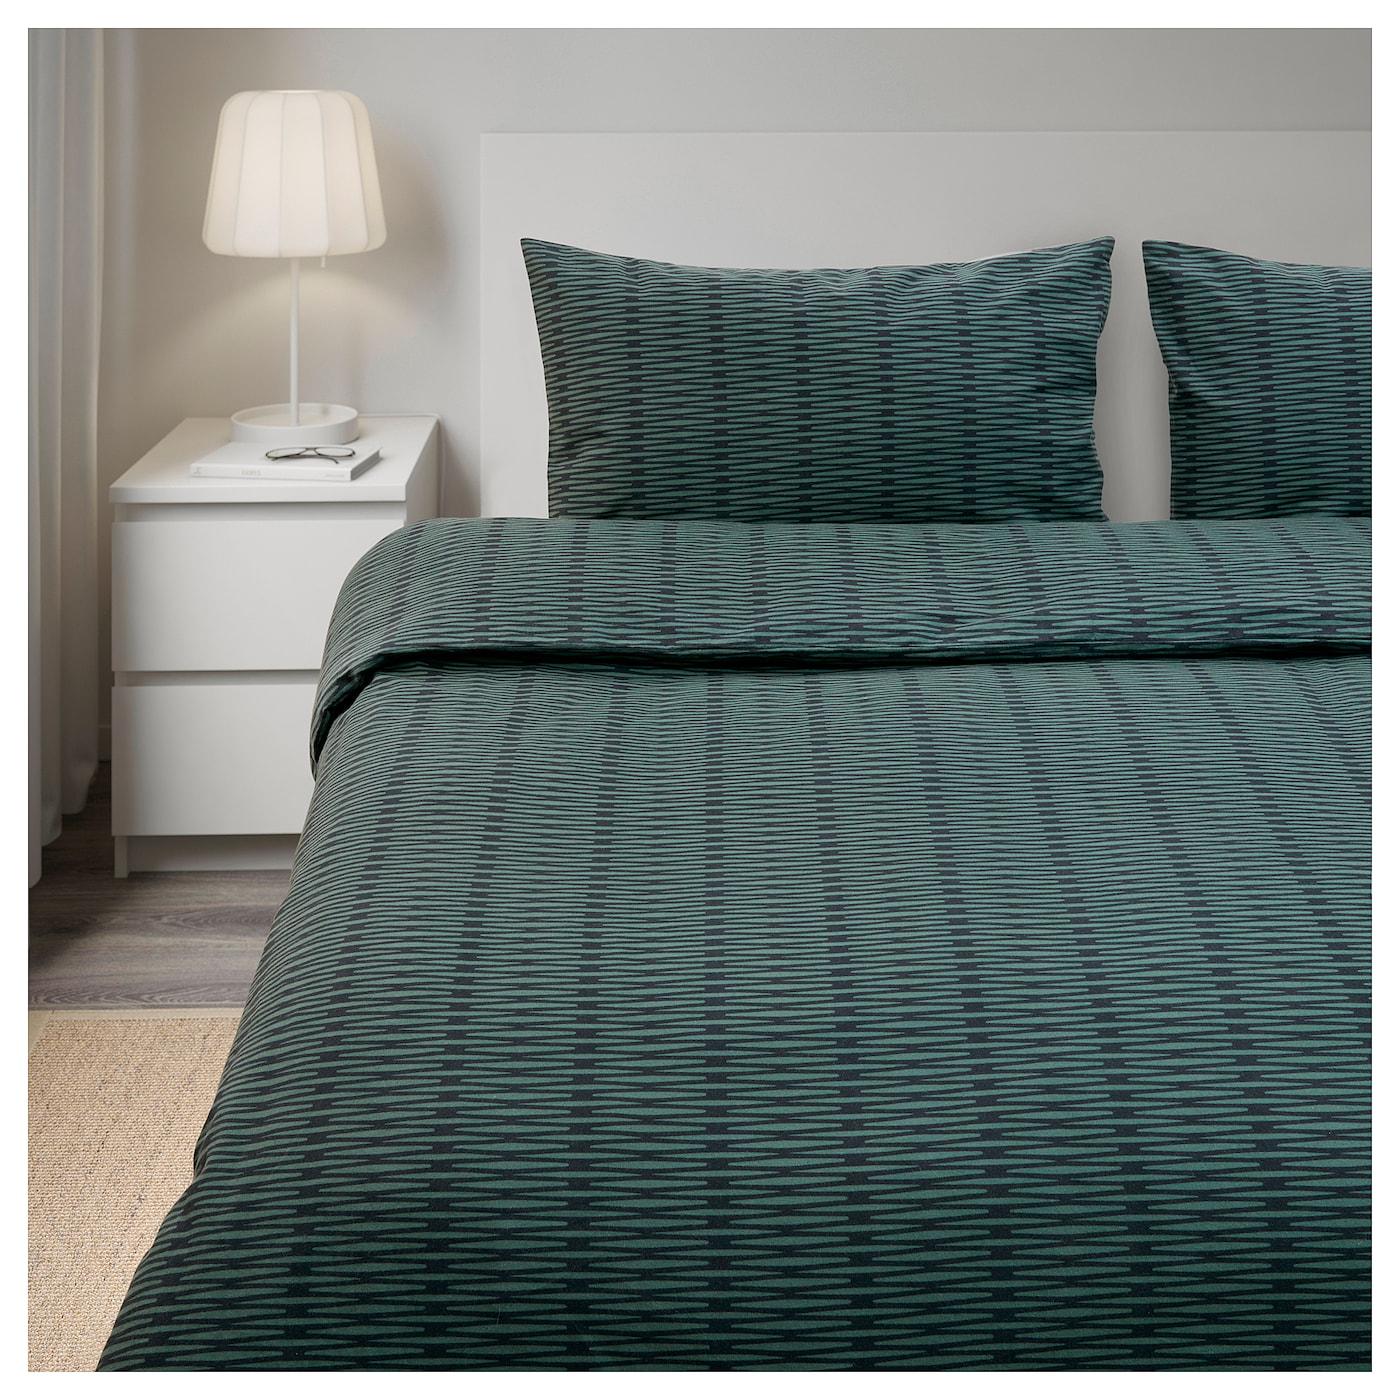 Bl suga housse de couette et 2 taies vert 240x220 50x60 cm for Ikea housse de couette 240x220